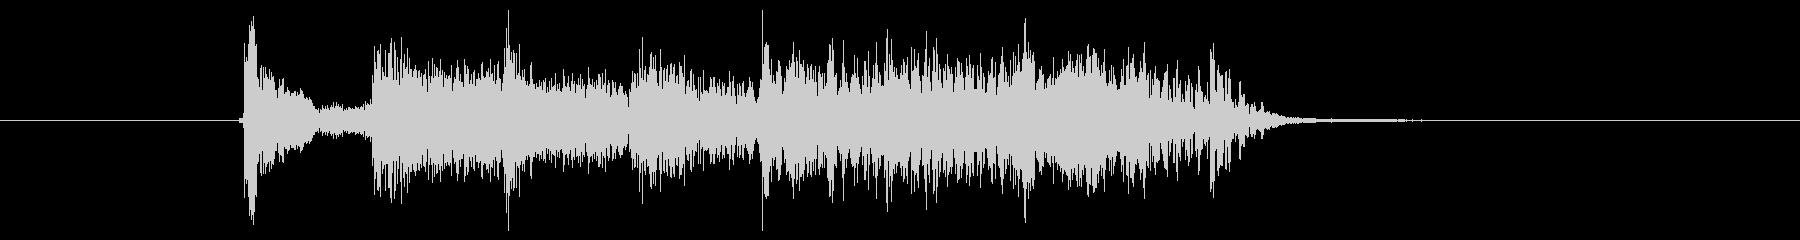 ノリノリで楽しいイメージの効果音の未再生の波形